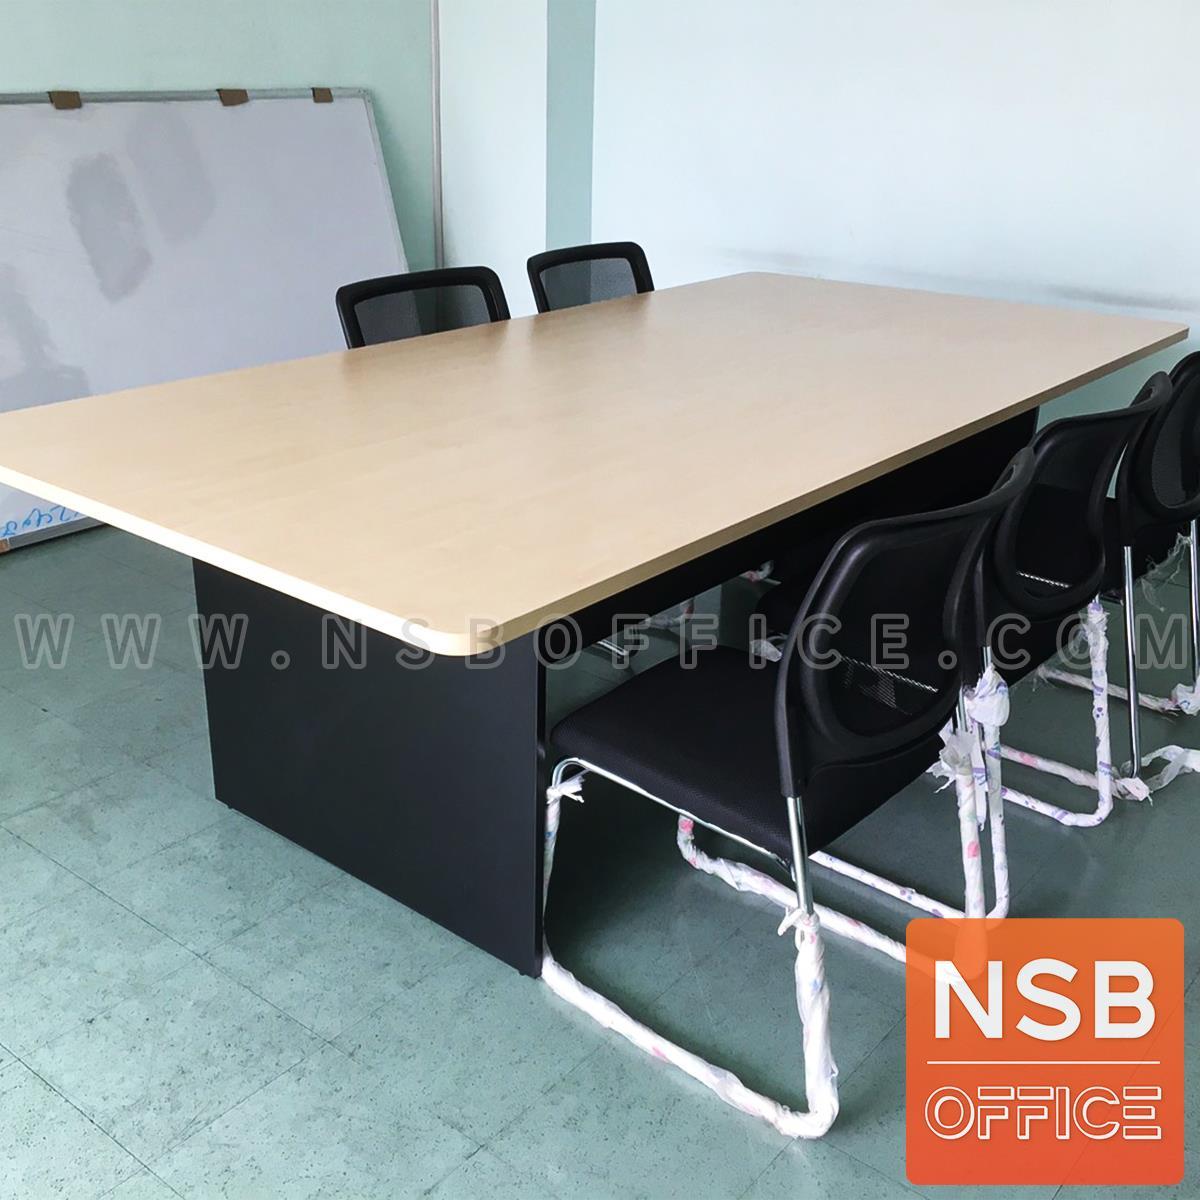 โต๊ะประชุมทรงสี่เหลี่ยมมุมมน รุ่น Morocco (โมรอคโค)  เมลามีนล้วน